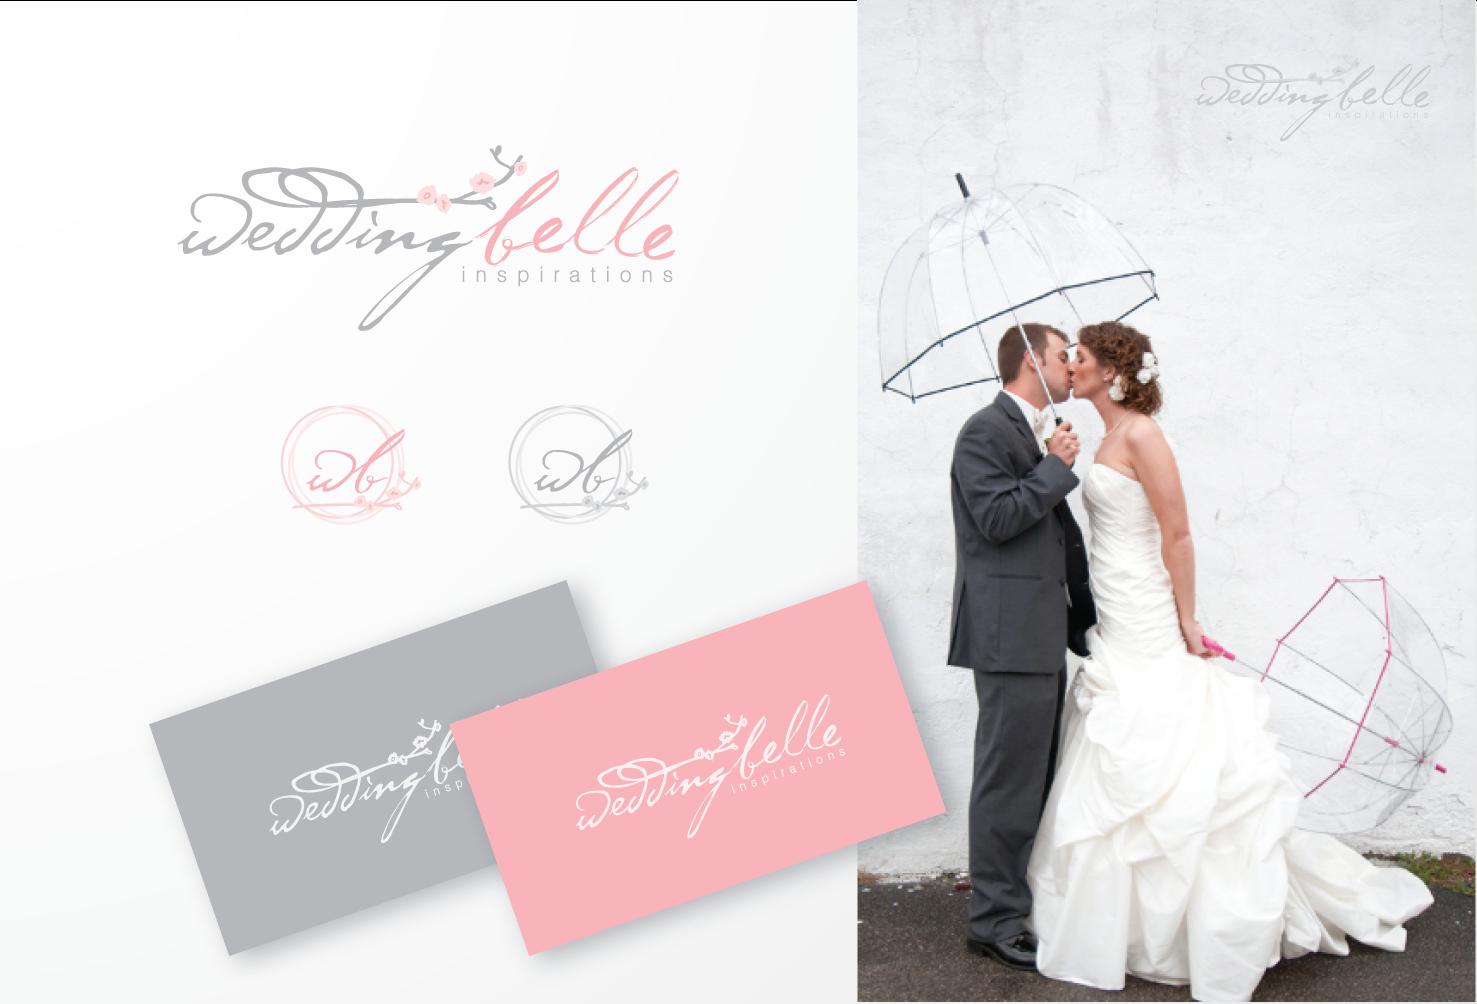 Wedding Belle needs a new logo